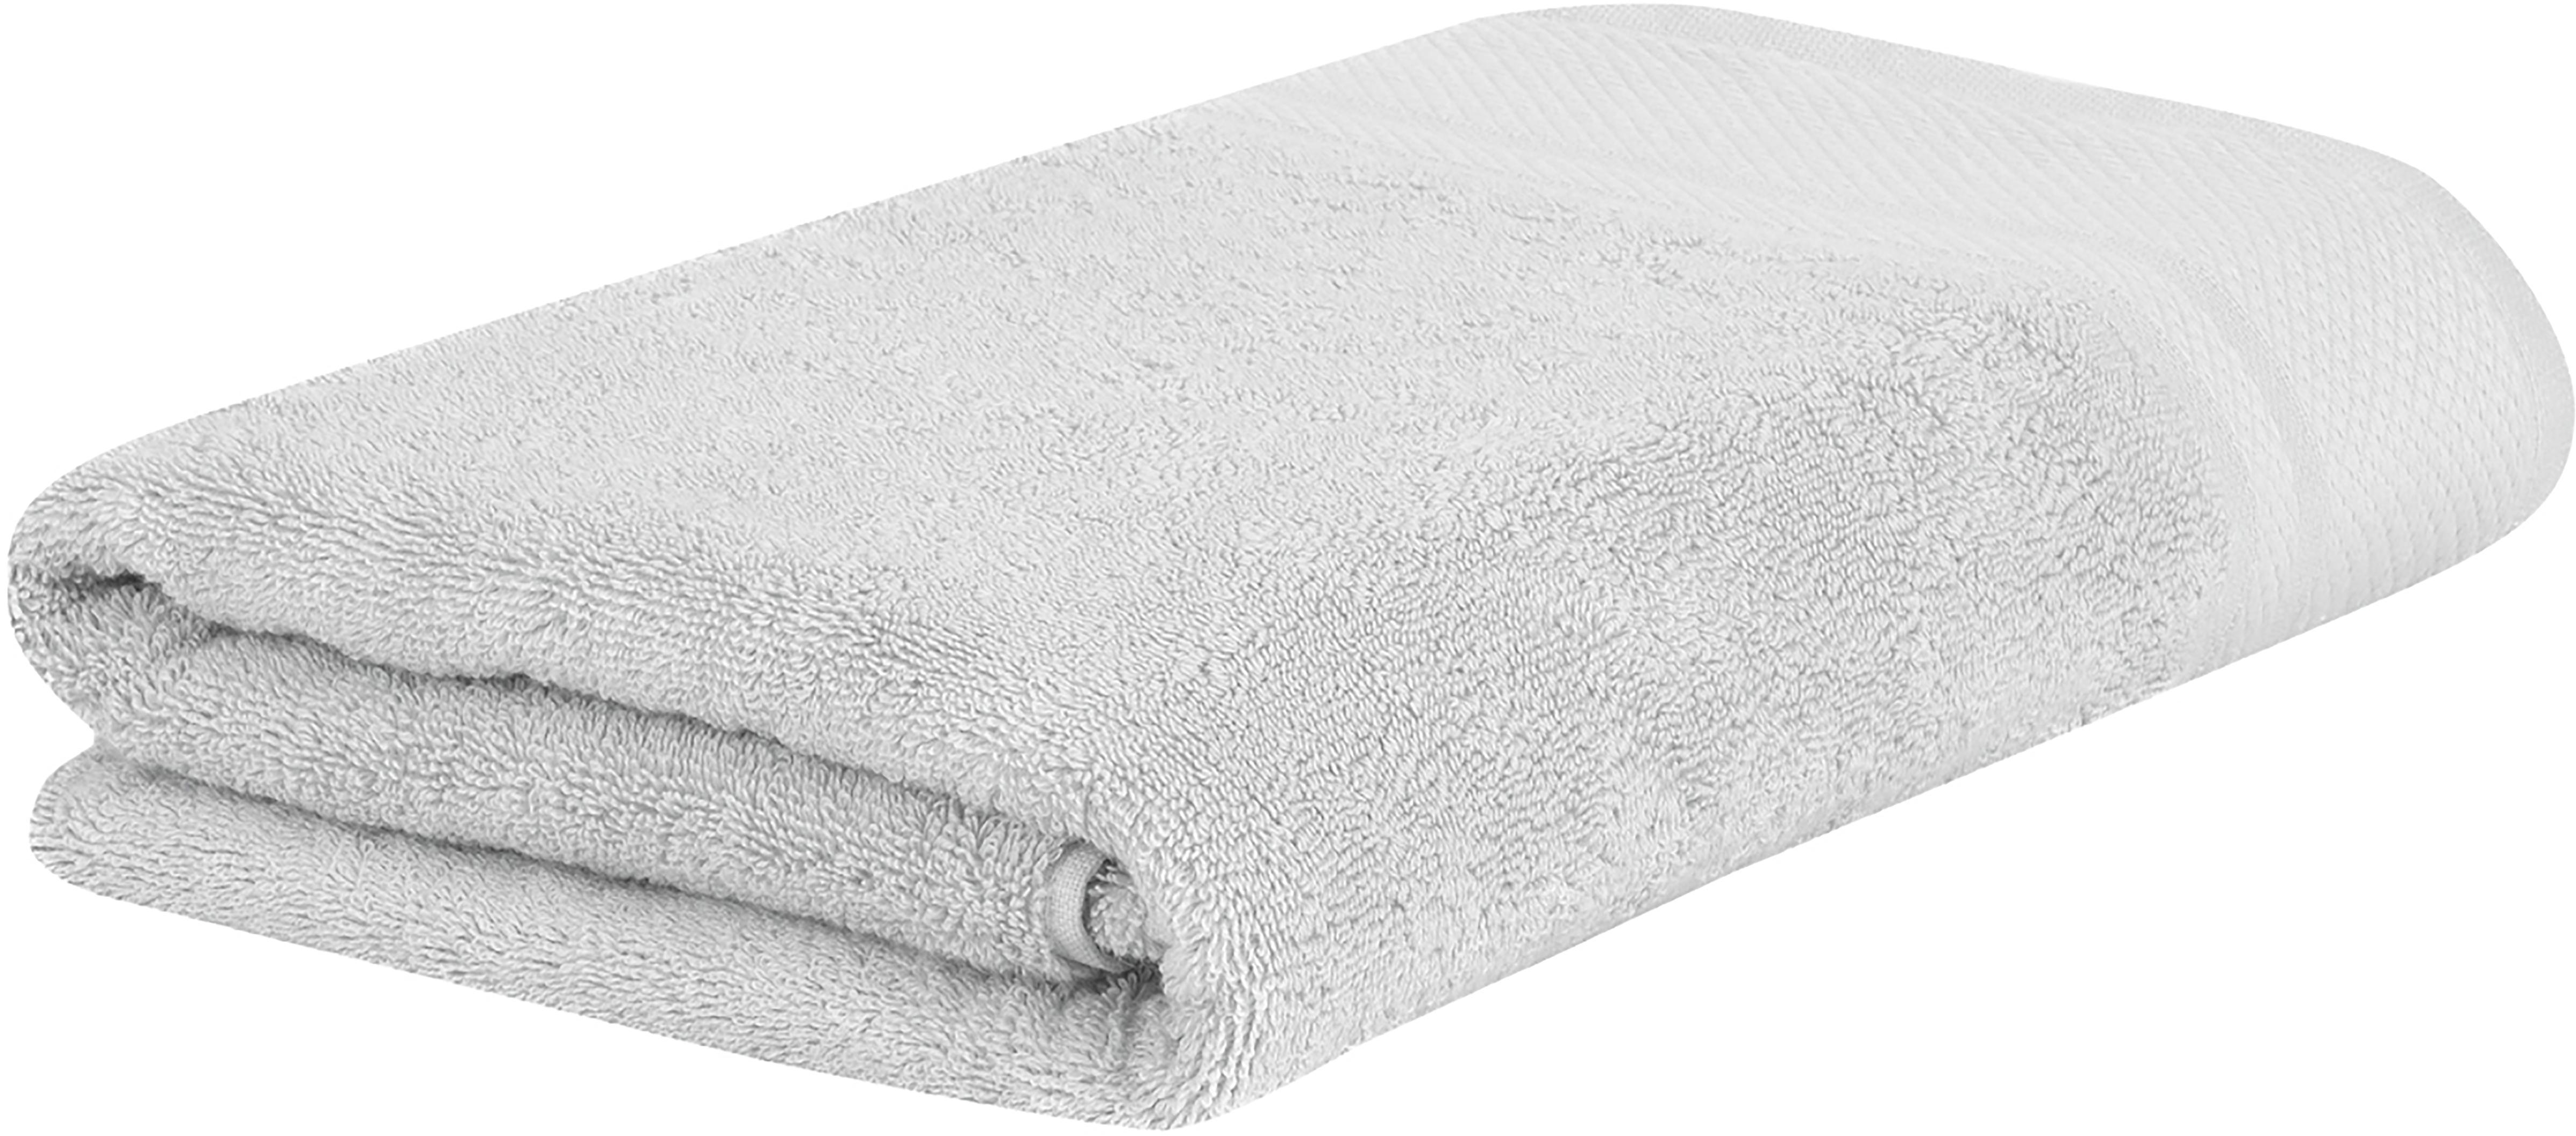 Asciugamano con bordo decorativo Premium, diverse misure, Grigio chiaro, Asciugamano